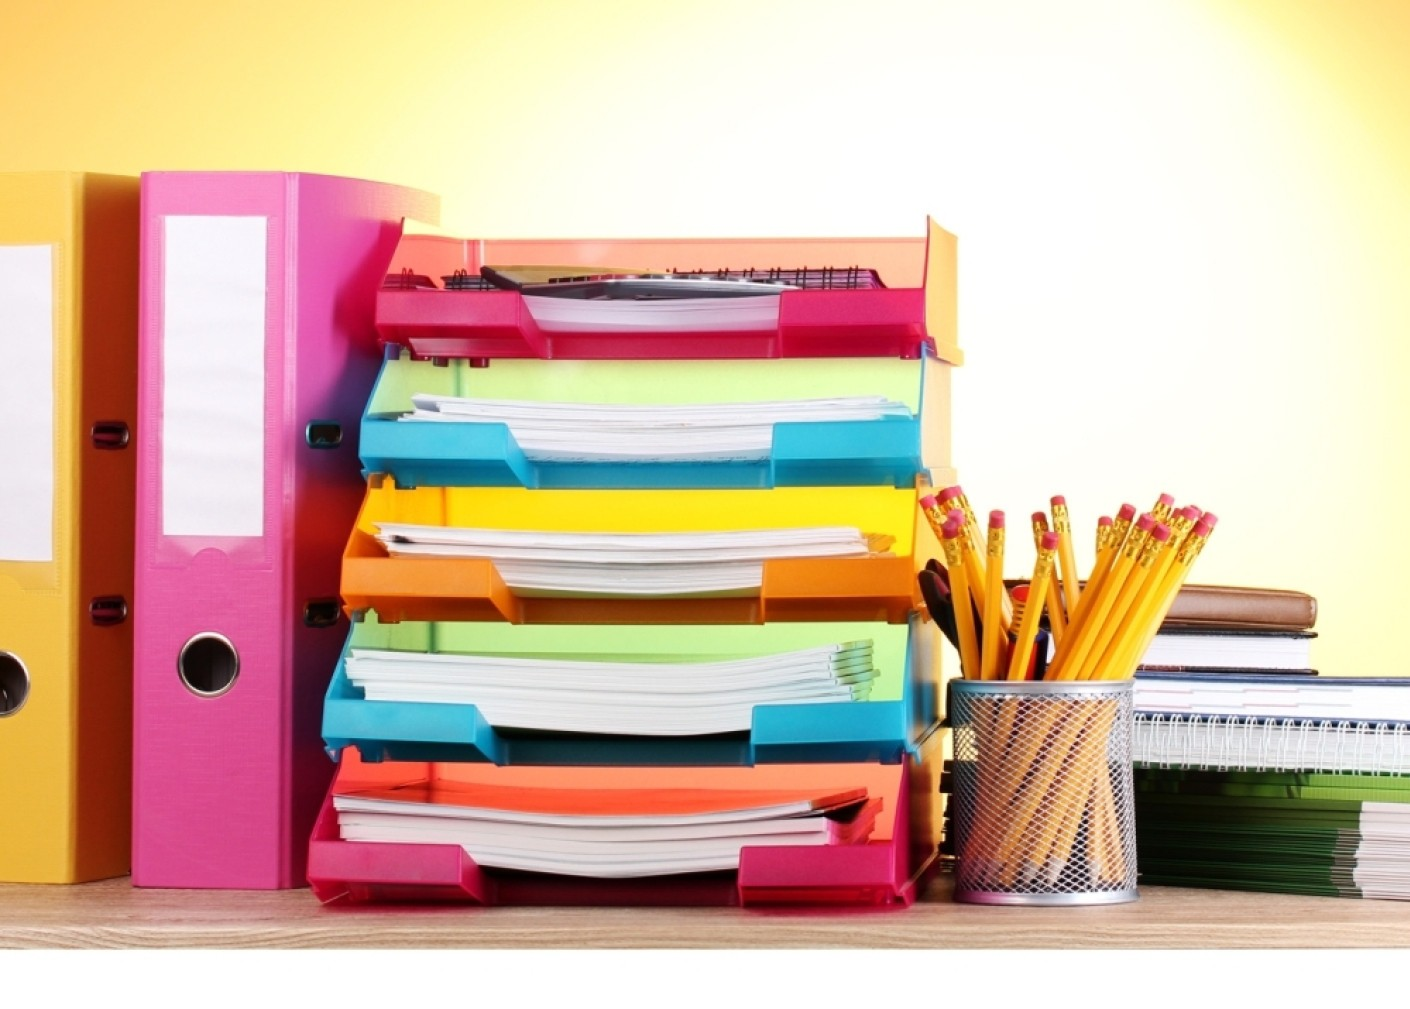 Promozione amazon ufficio 2 prodotti al 20 di sconto for Materiale per ufficio